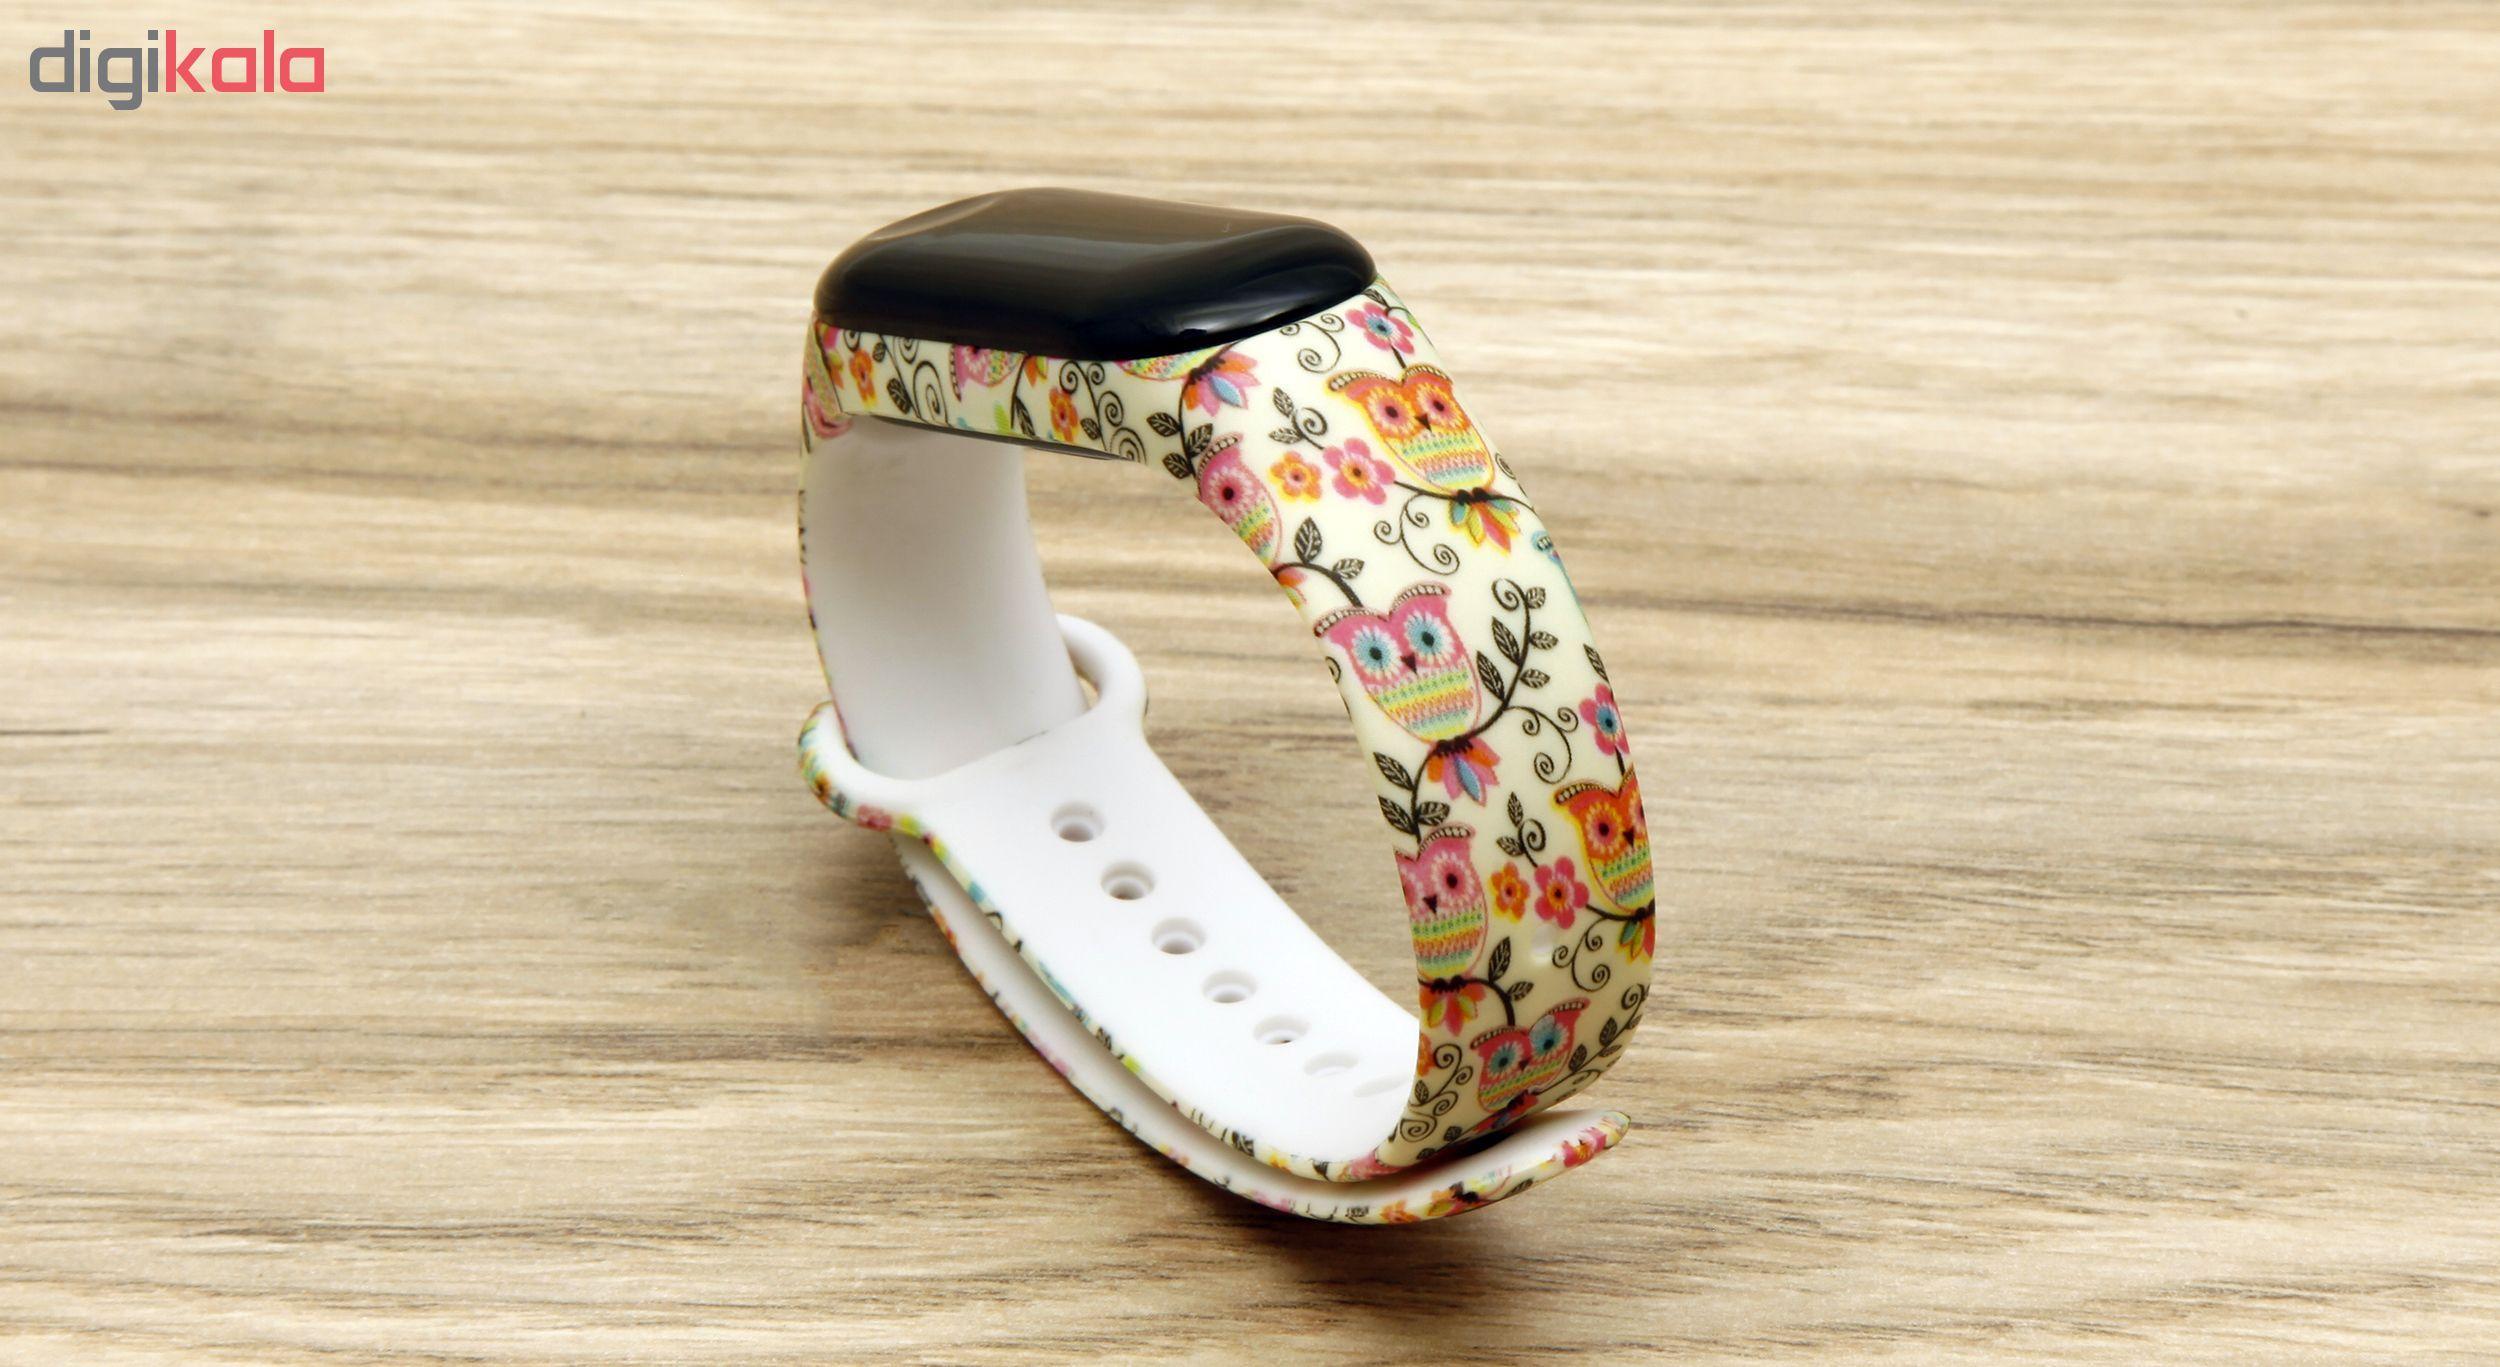 بند مچ بند هوشمند سومگ مدل  SMG-14 مناسب برای مچ بند هوشمند شیائومی Mi Band 3 و M3 main 1 1